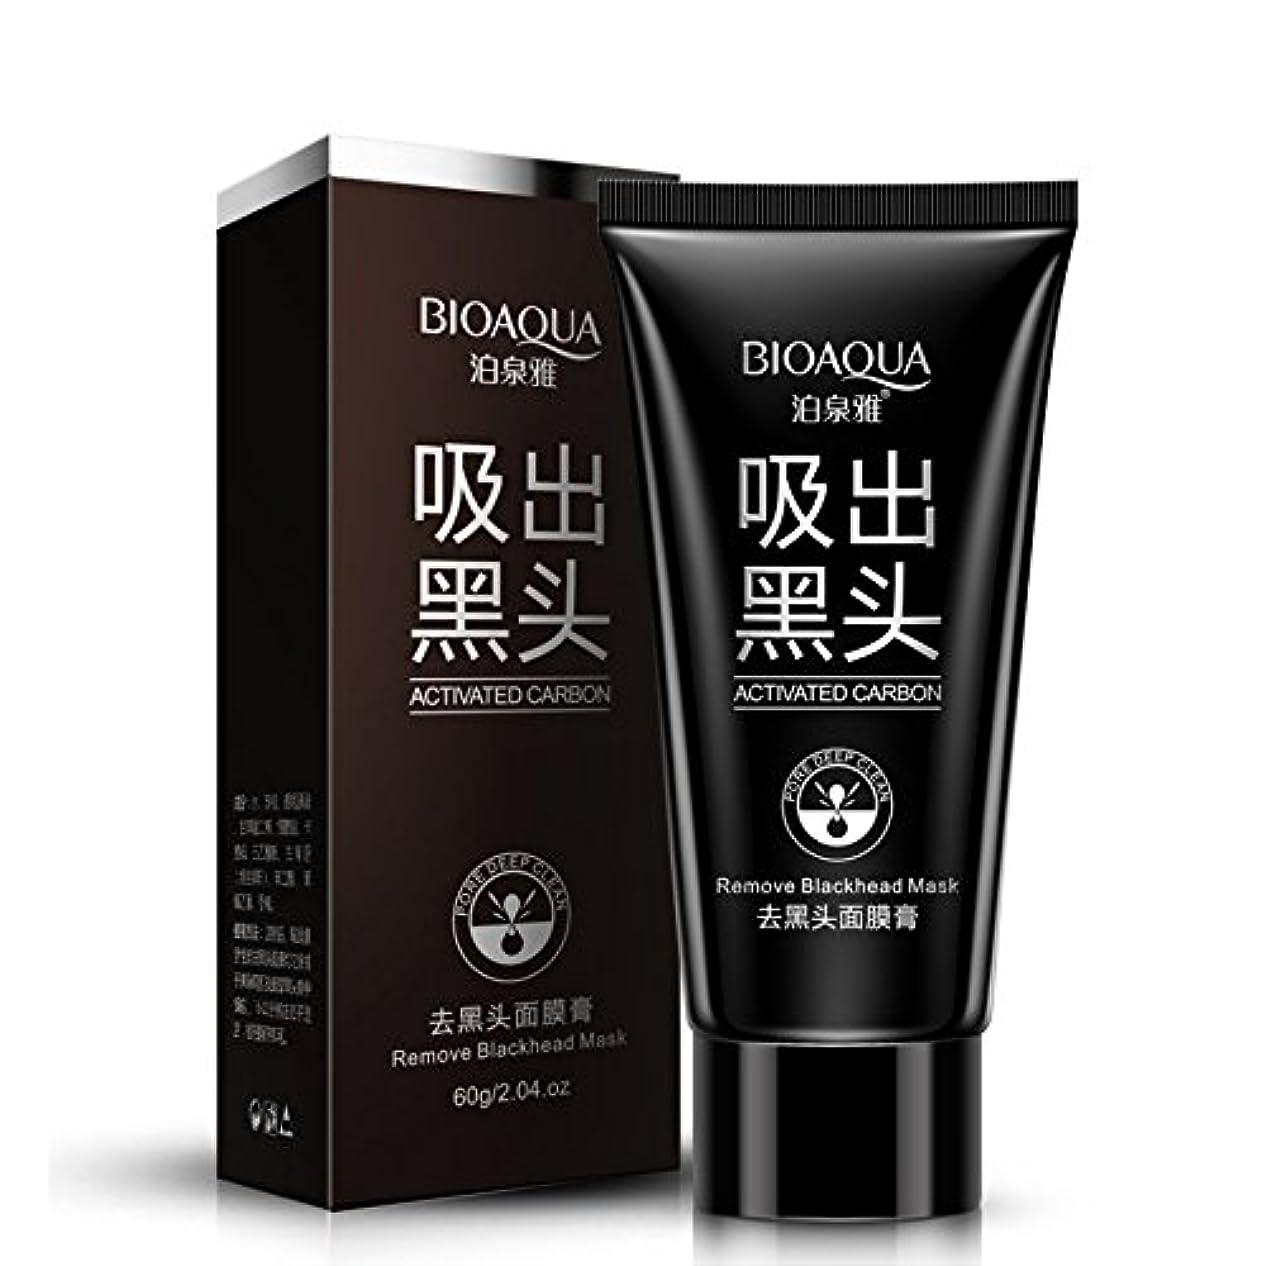 伝説通知ゴミ箱を空にするSuction Black Mask Shrink Black Head Spots Pores,Face Mask Blackhead Removal Blackheads Cosmetics Facials Moisturizing Skin Care.